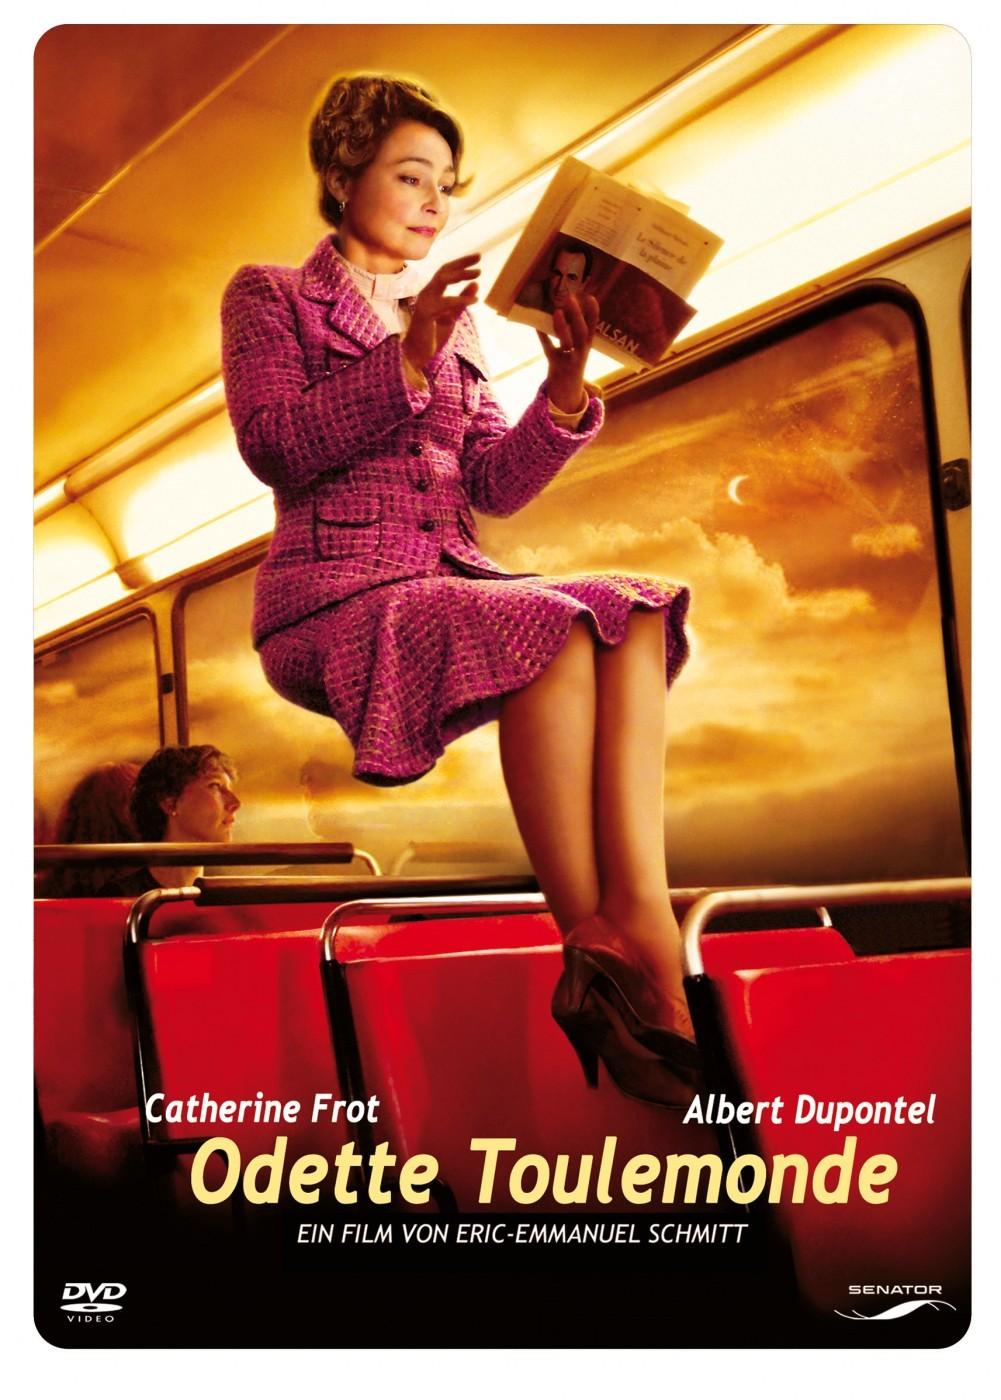 Image of Odette Toulemonde